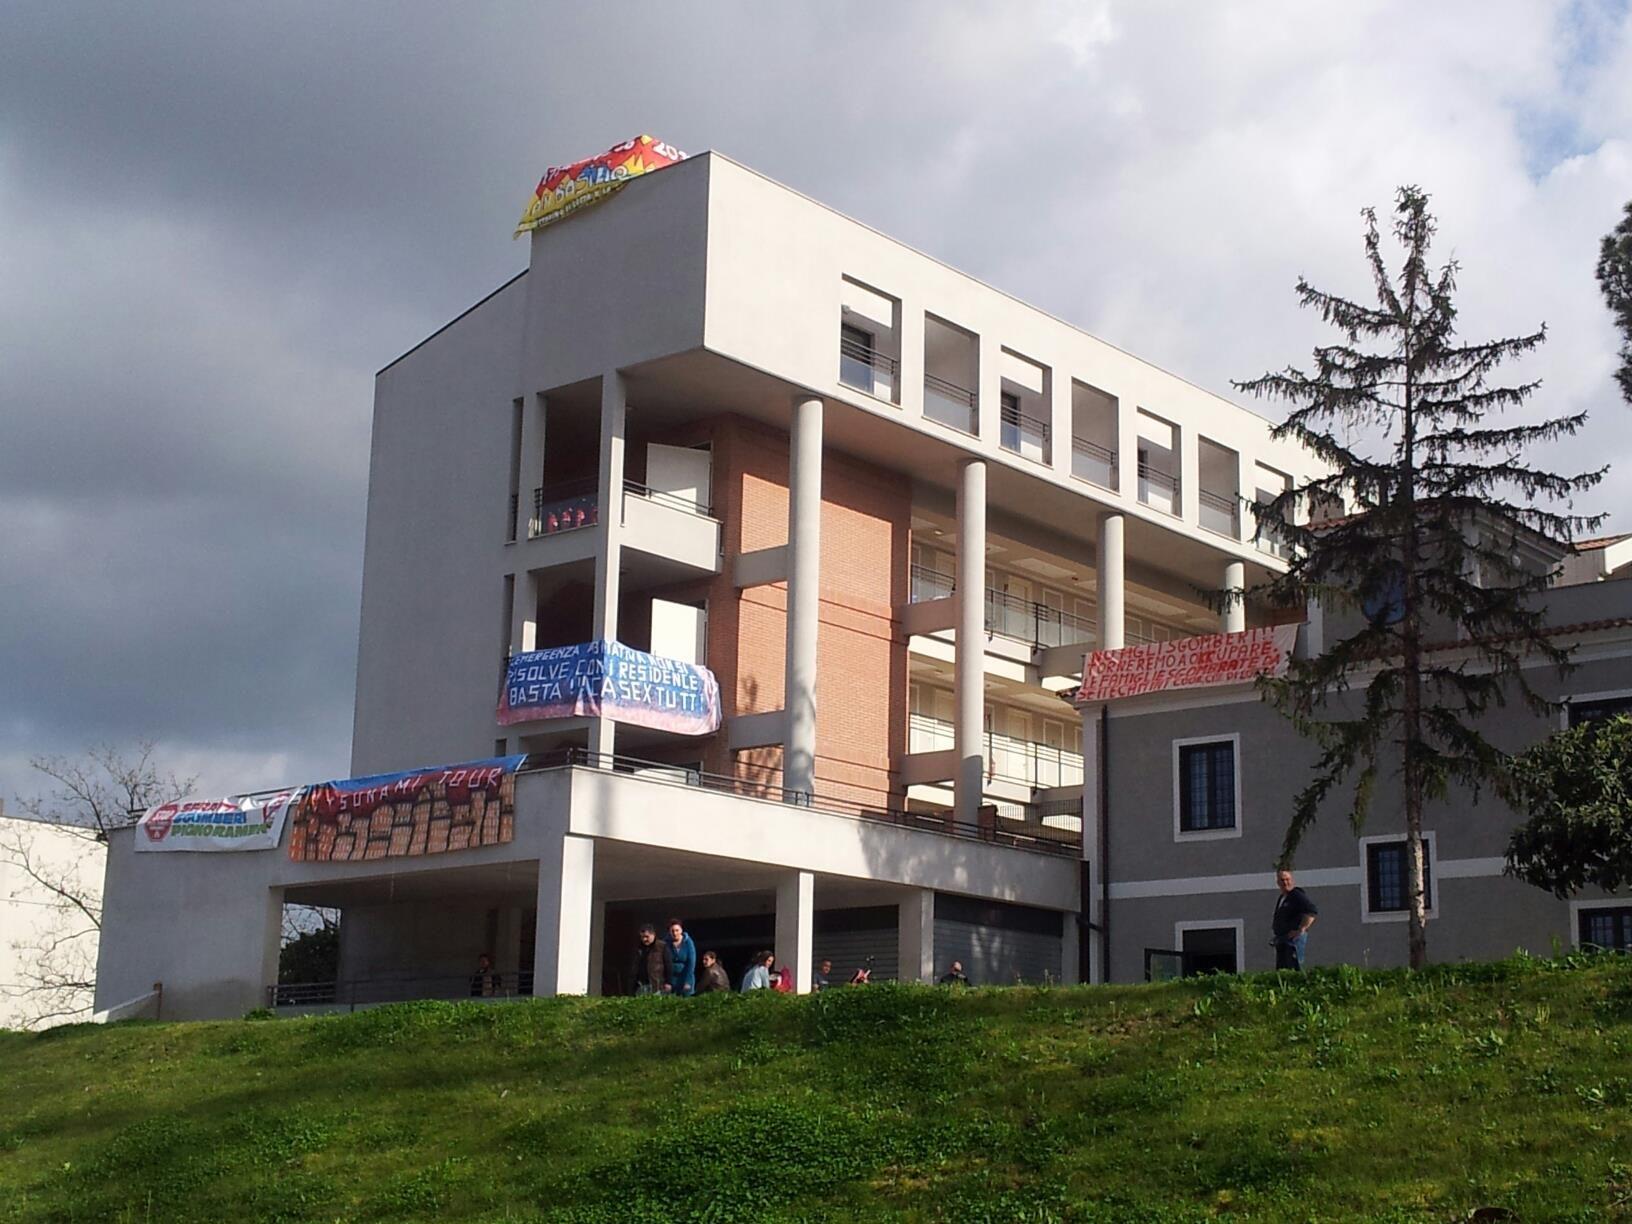 San Basilio, Acea stacca elettricità a stabile occupato da 96 famiglie: tra loro ci sono disabili